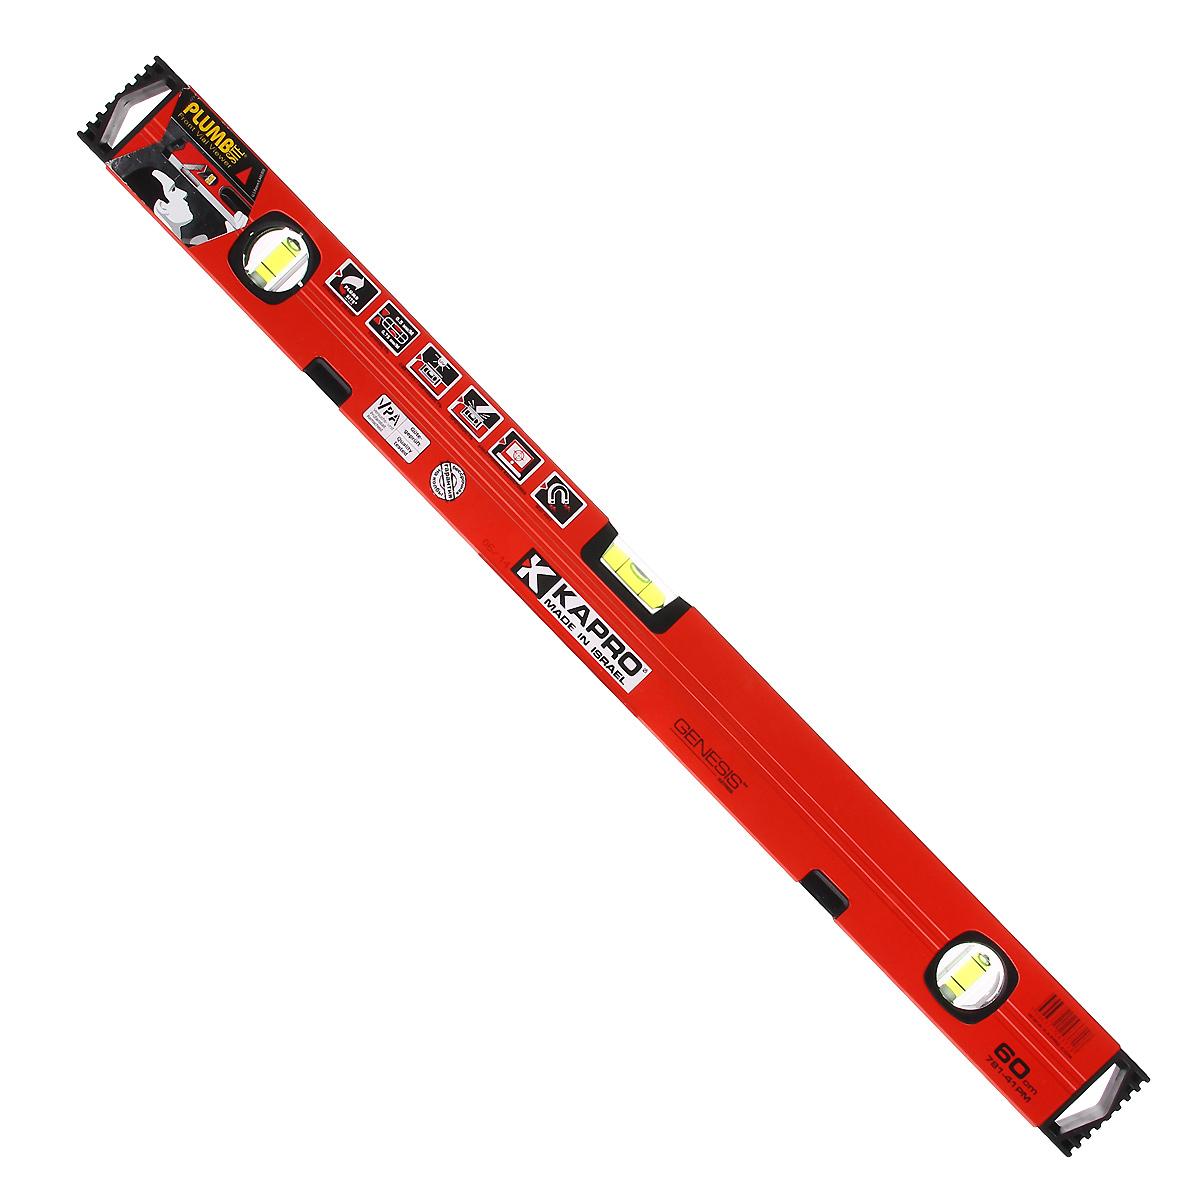 Уровень магнитный Kapro PlumbSite Genesis, 3 колбы, 60 см781-41-60РМУровень магнитный Kapro PlumbSite Genesis используется при необходимости контроля горизонтальных и вертикальных плоскостей. Легкий металлический корпус уровня обеспечивает долгий срок эксплуатации. Оснащен 3 колбами. Имеется магнит для фиксации на железном покрытии.